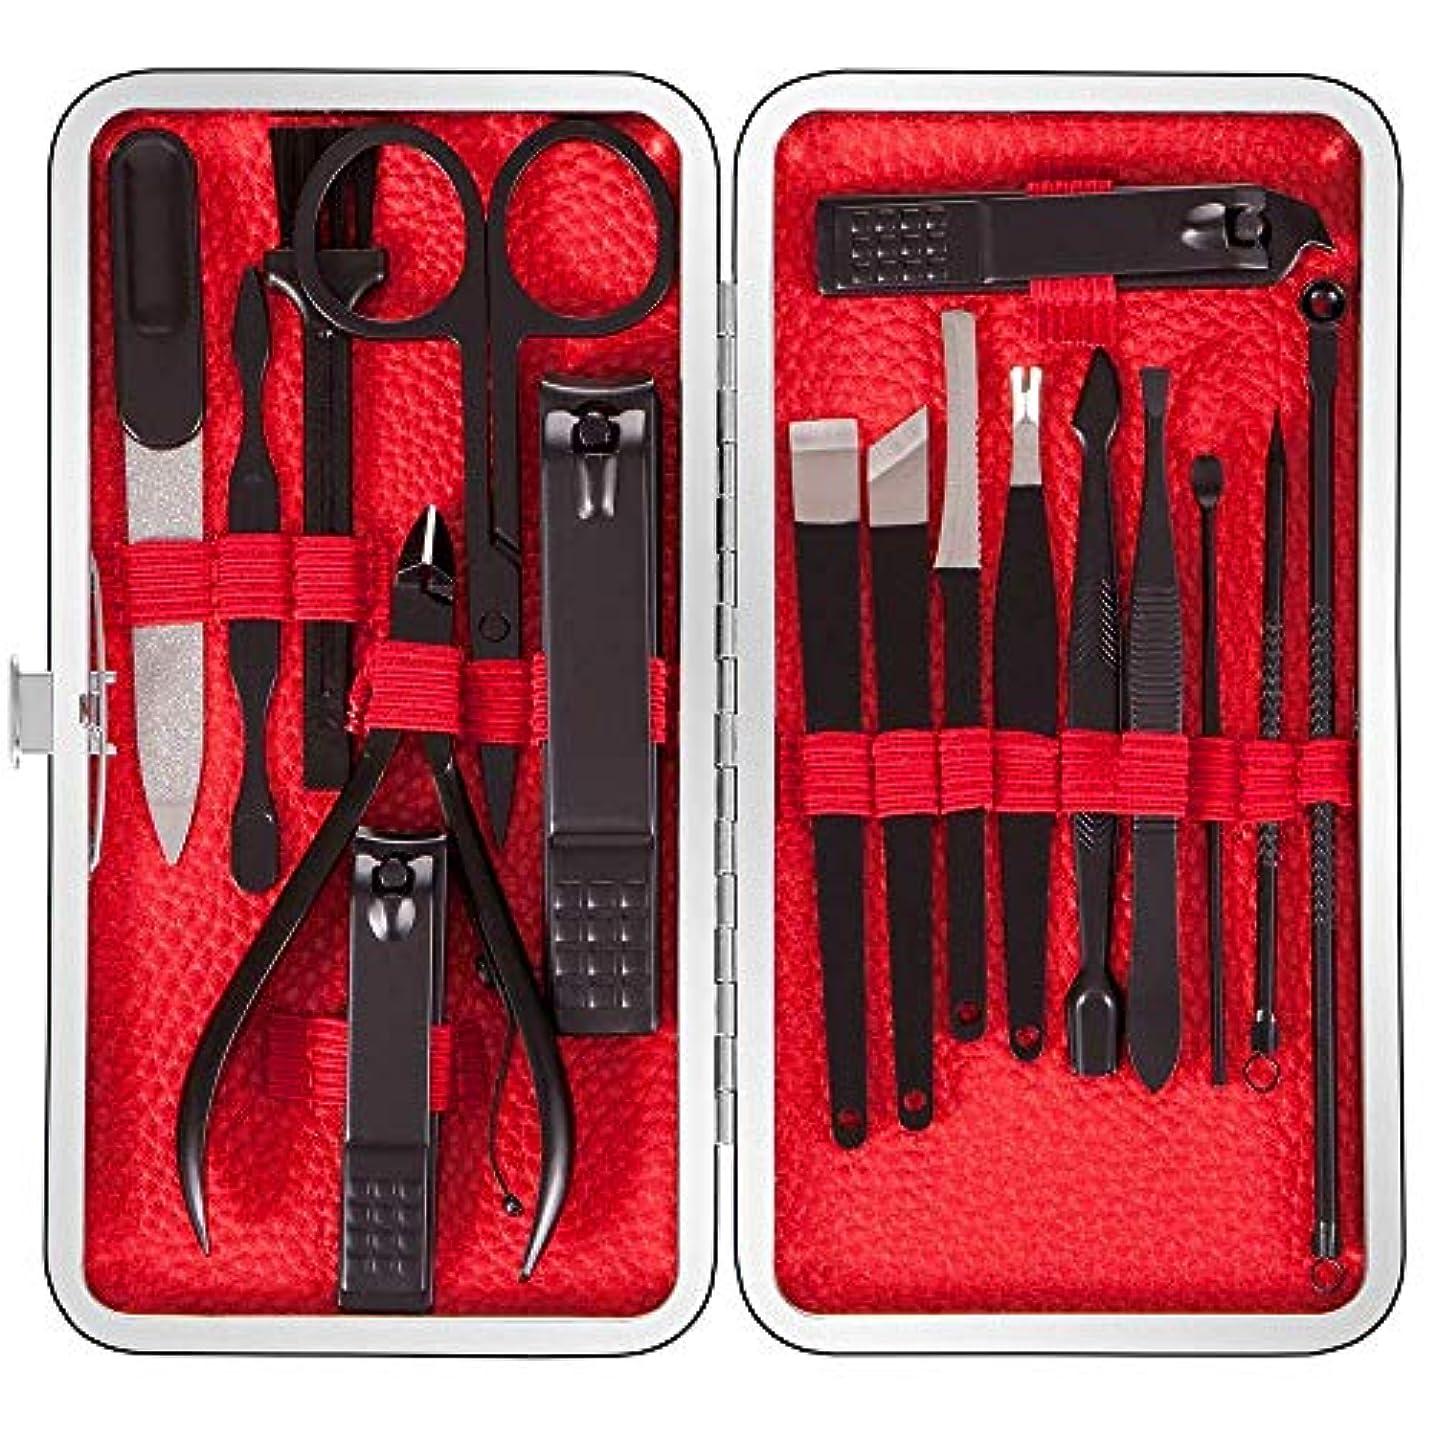 ボックスしなやか国内の爪切りセット 多機能ステンレス製ネイルケアセット 手足爪磨き